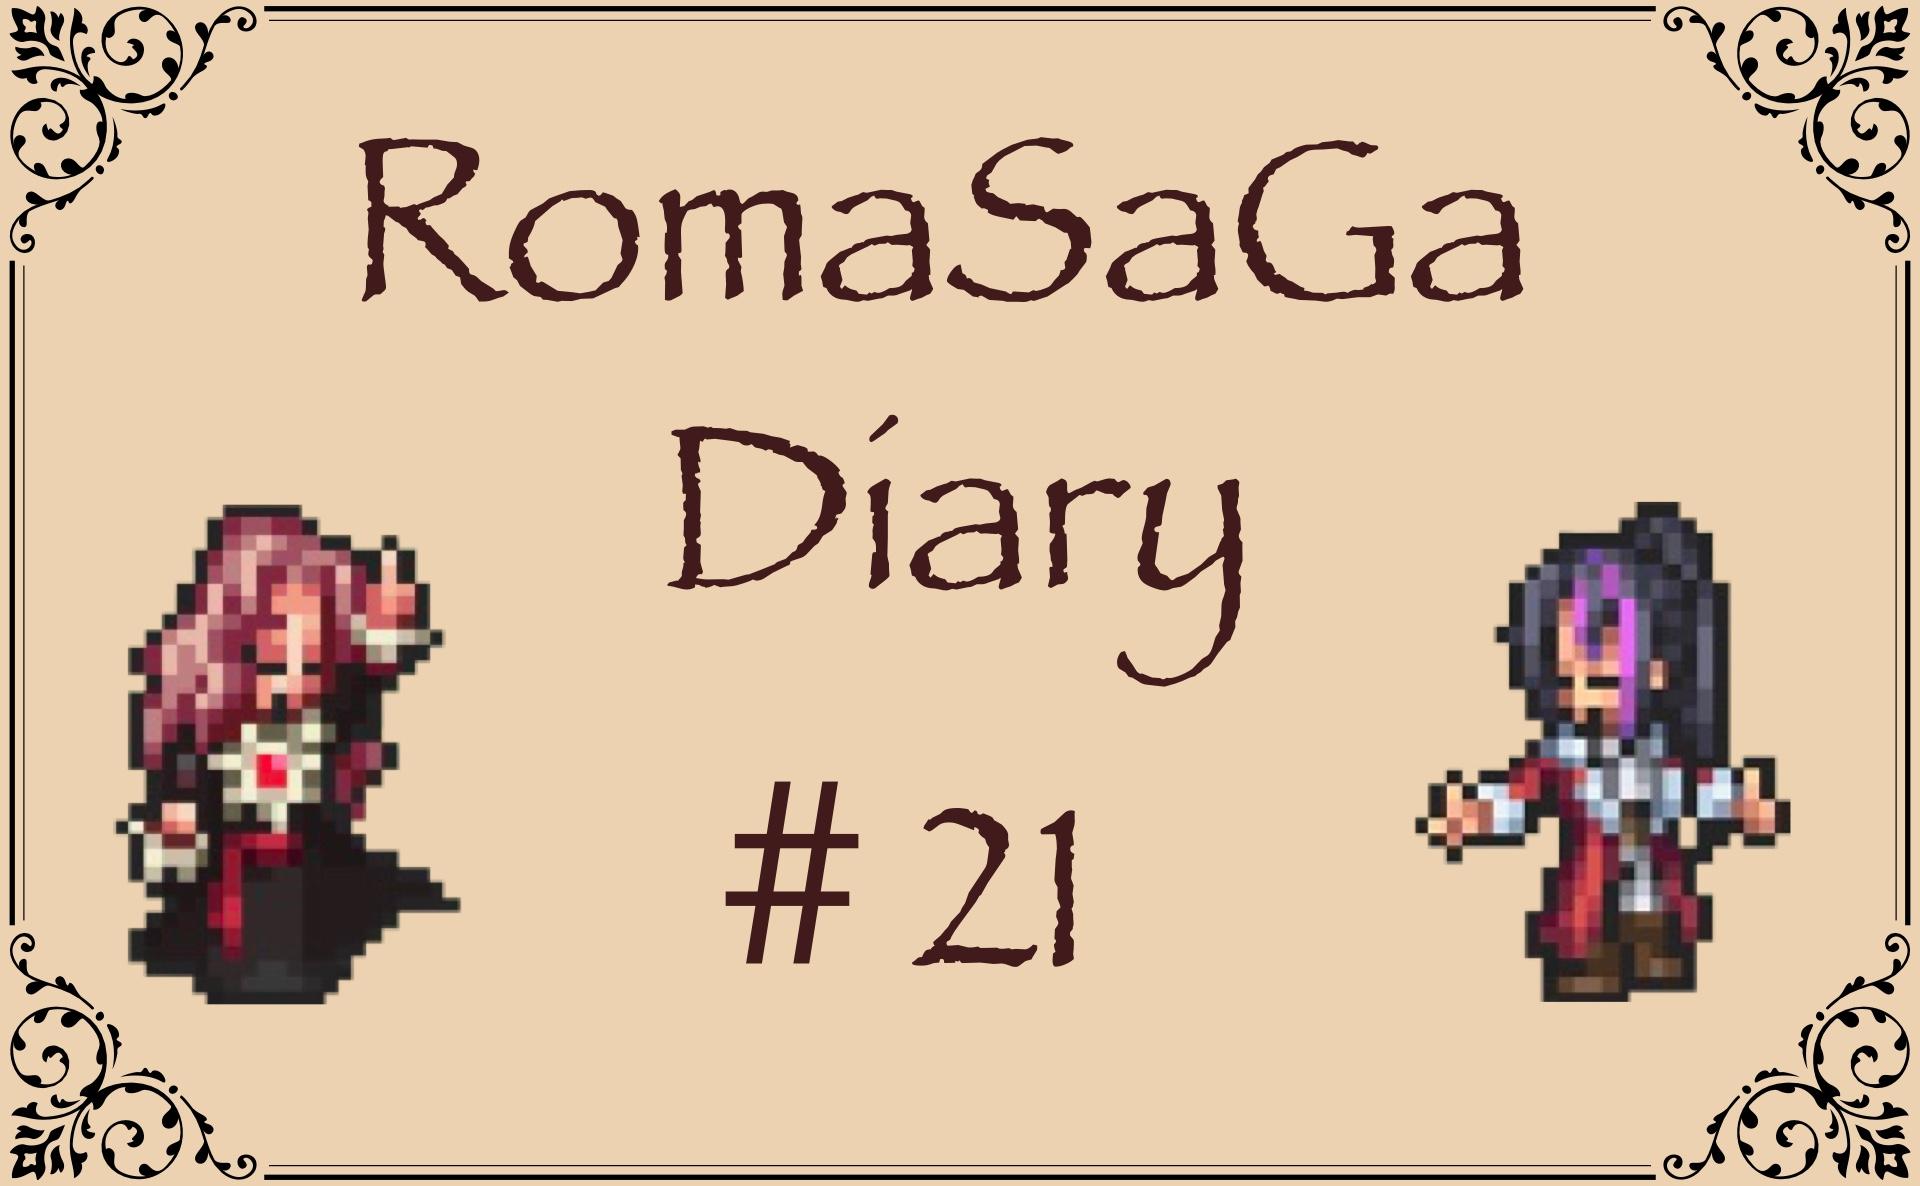 ロマサガDiary#21